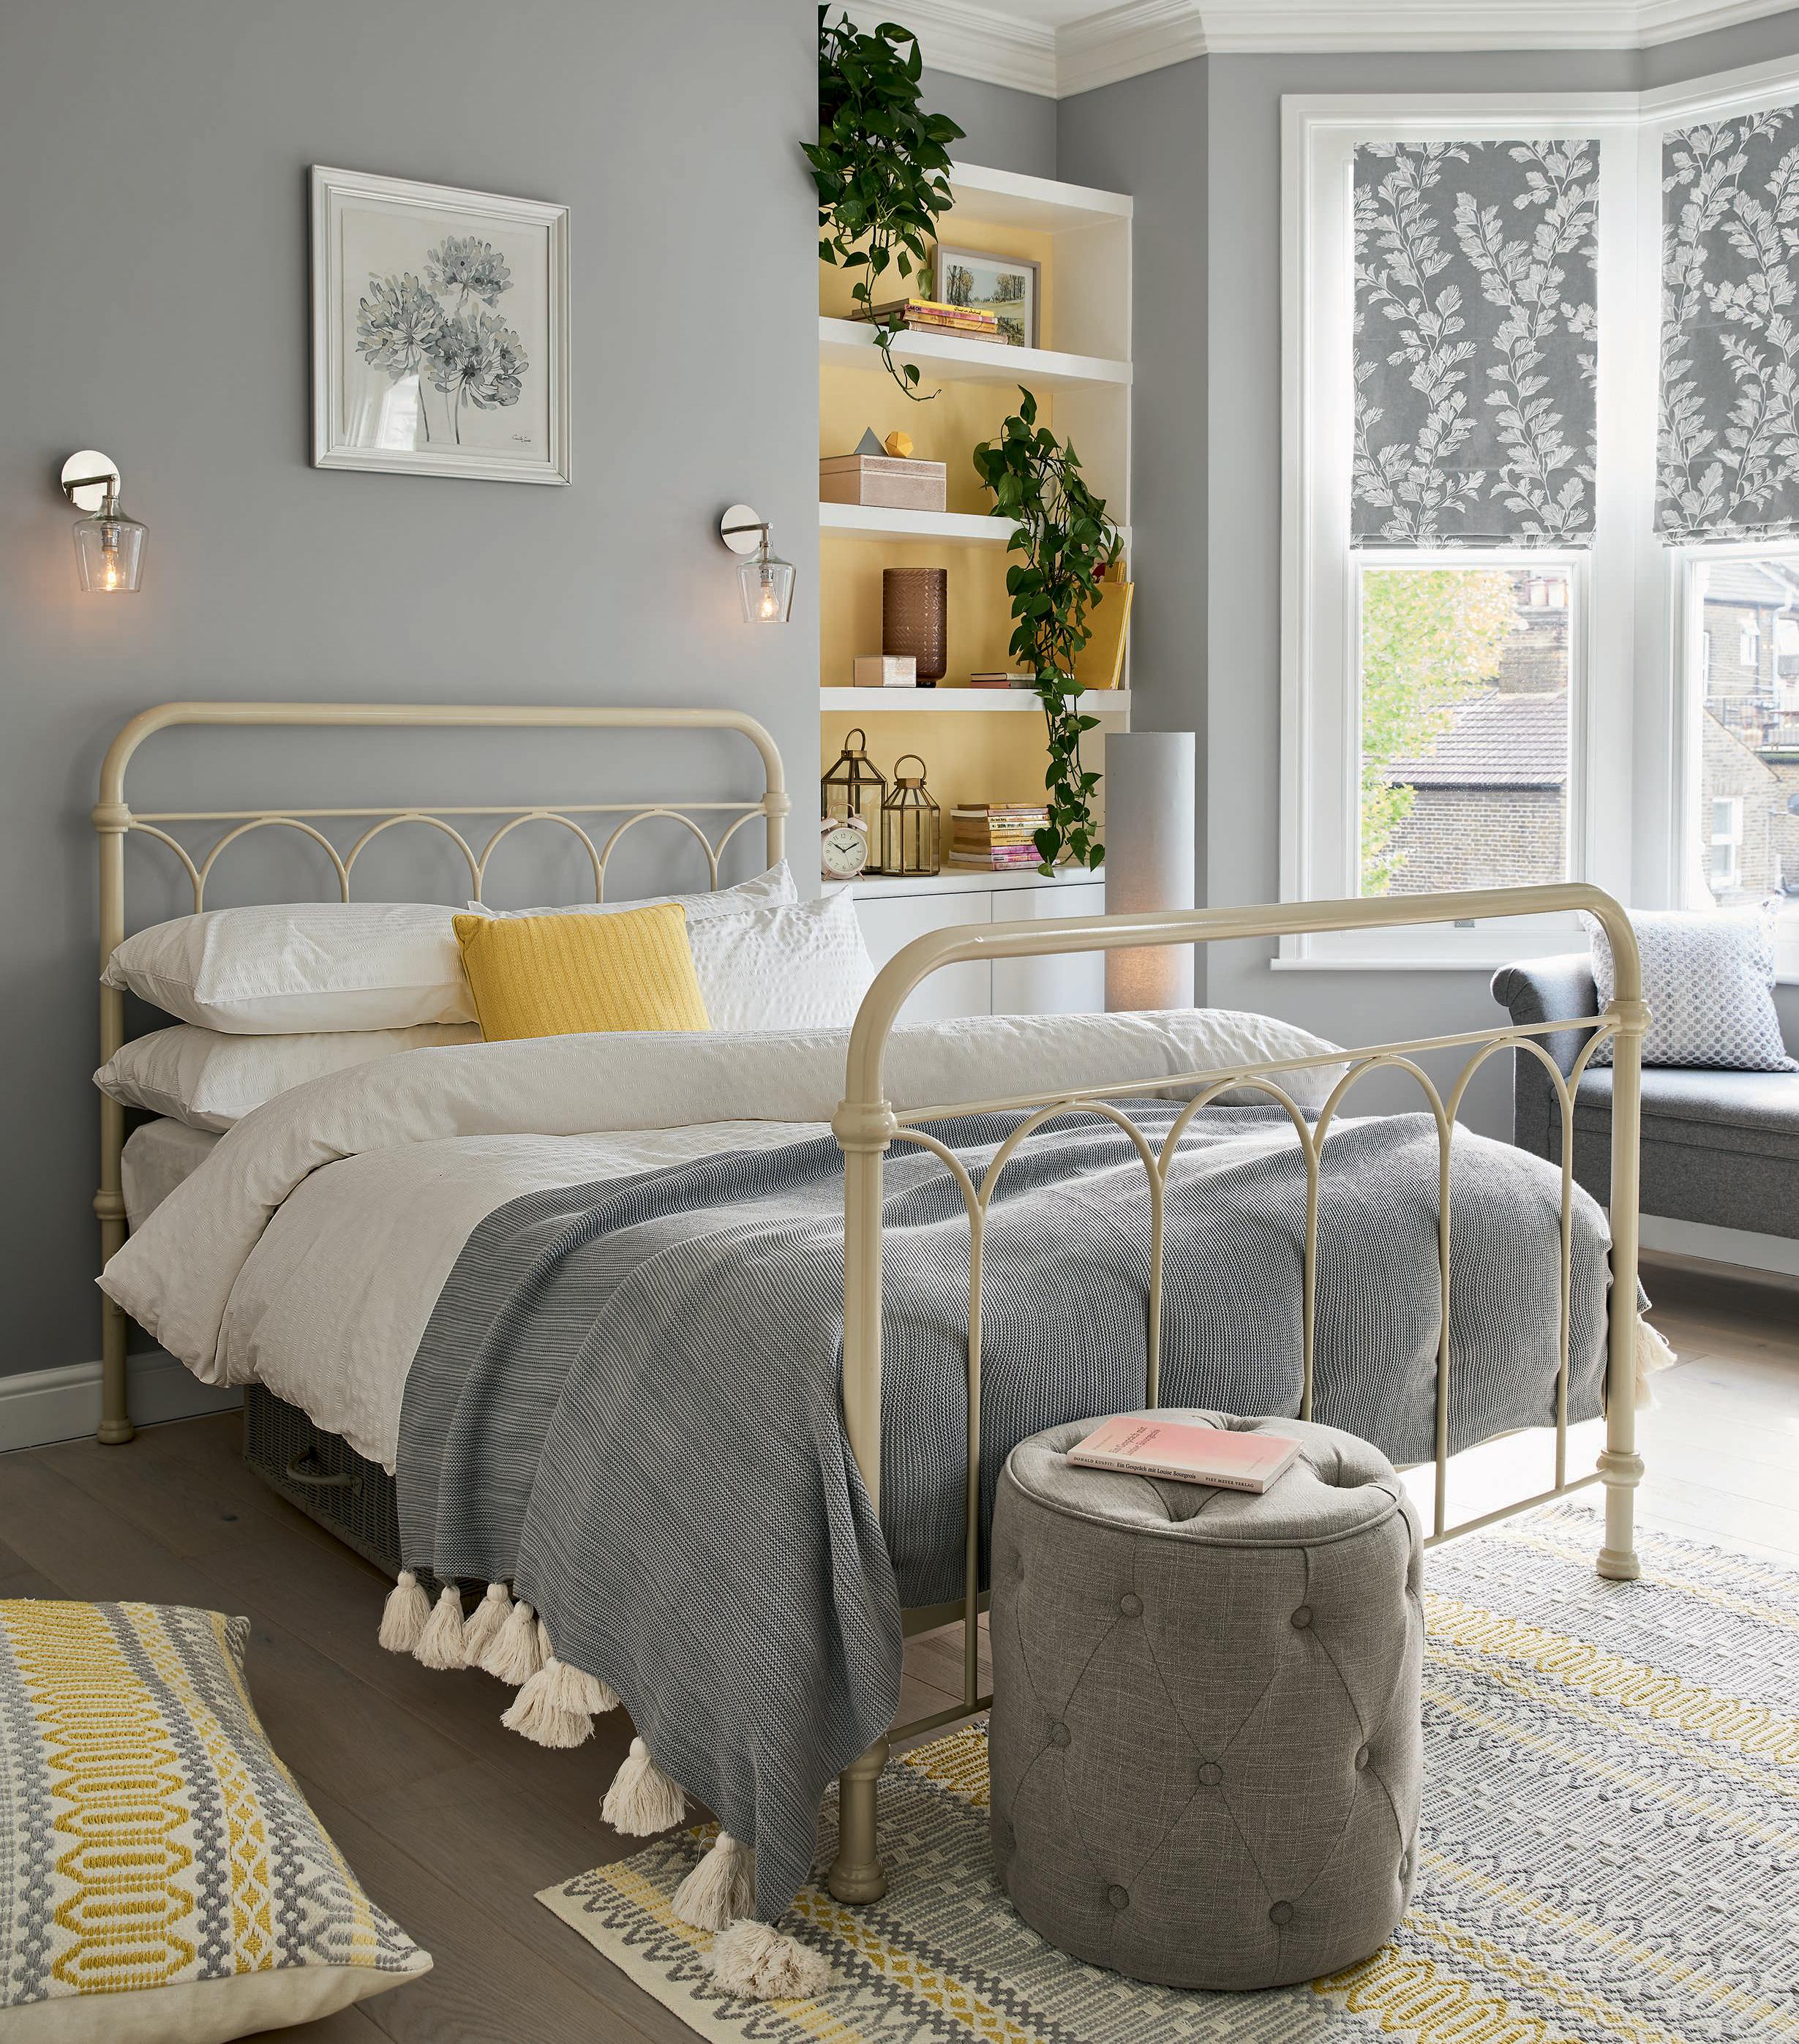 25 Beautiful Bedroom Decorating Ideas: Beautiful Bedroom Decorating Ideas